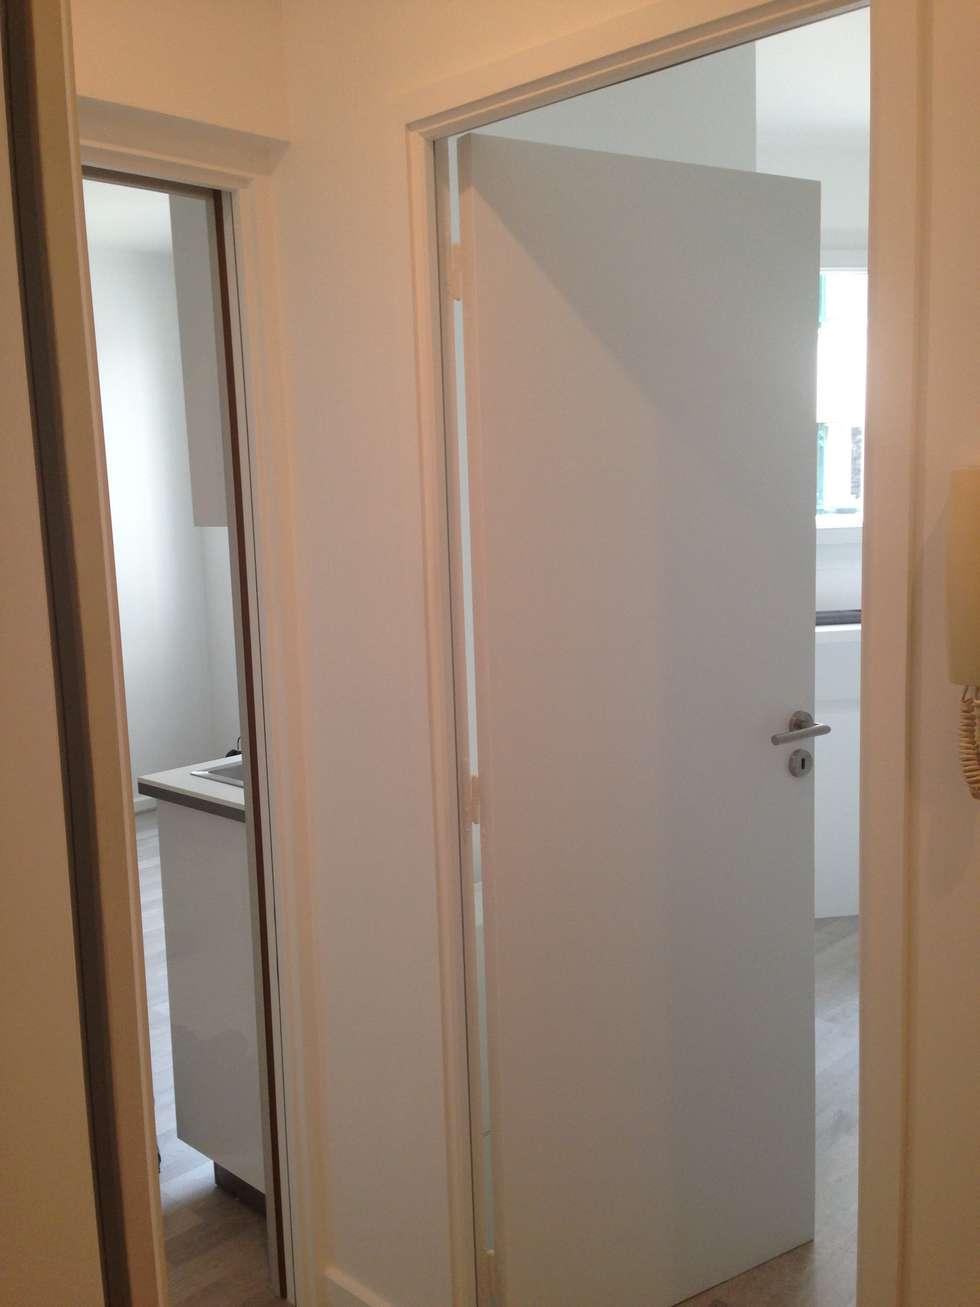 Portes neuves blanches: Chambre de style de style Moderne par cbm interiors sas